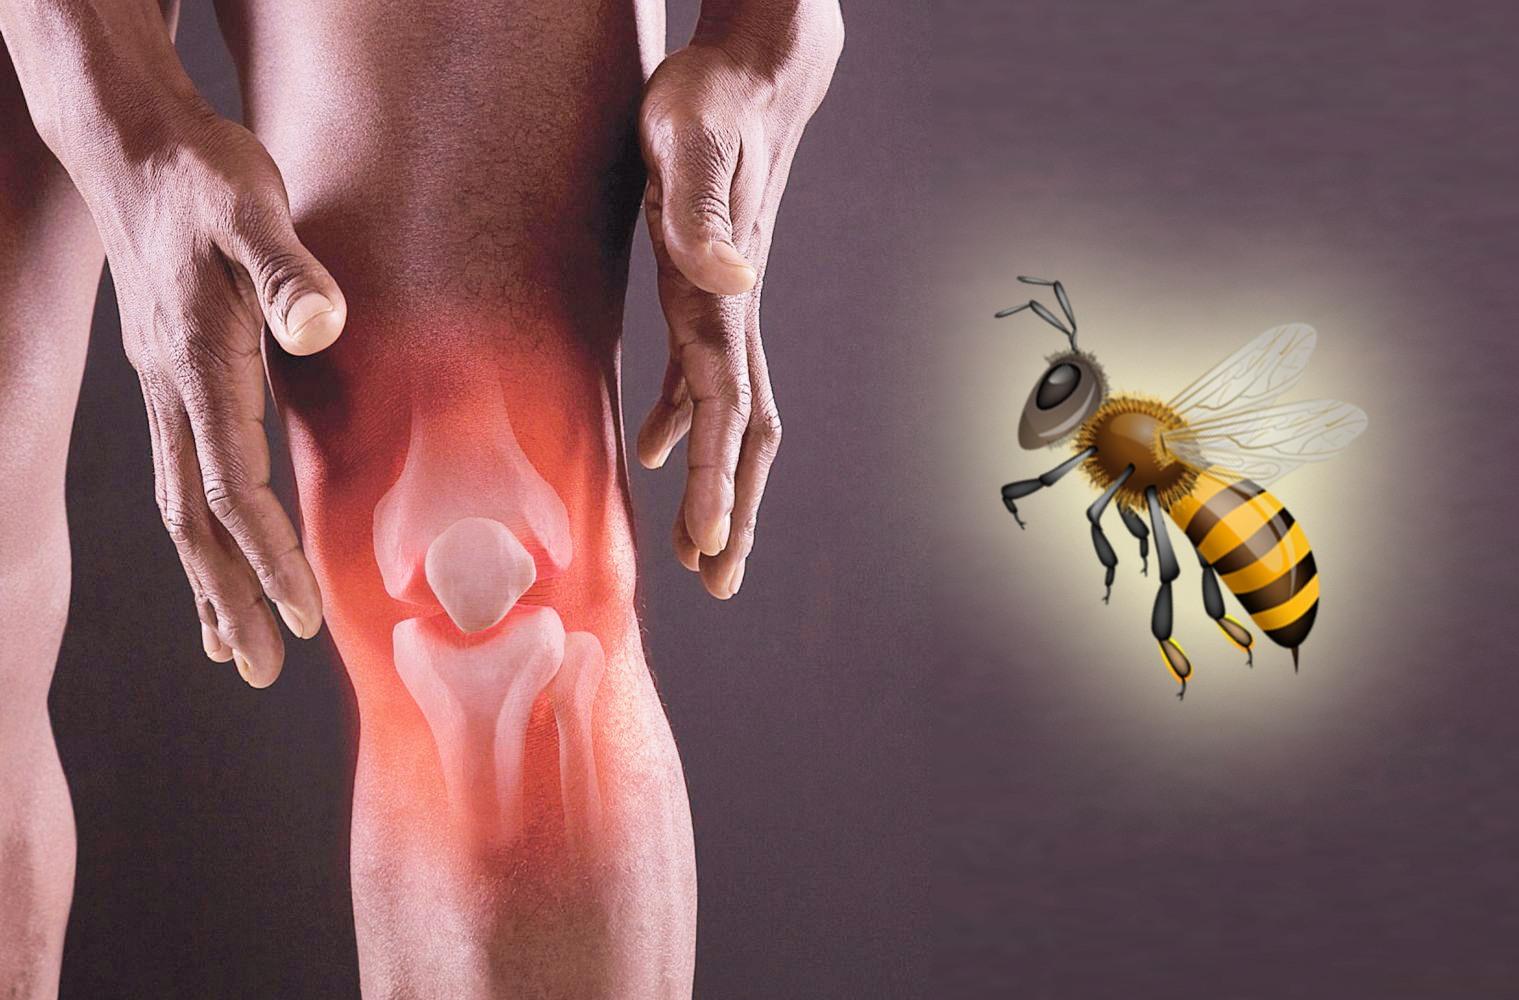 Tratamentul bolilor cu venin de albine / Reumatism, Hipertensiune arterială, Sistemul nervos, Astm Bronsic, Articulații etc.